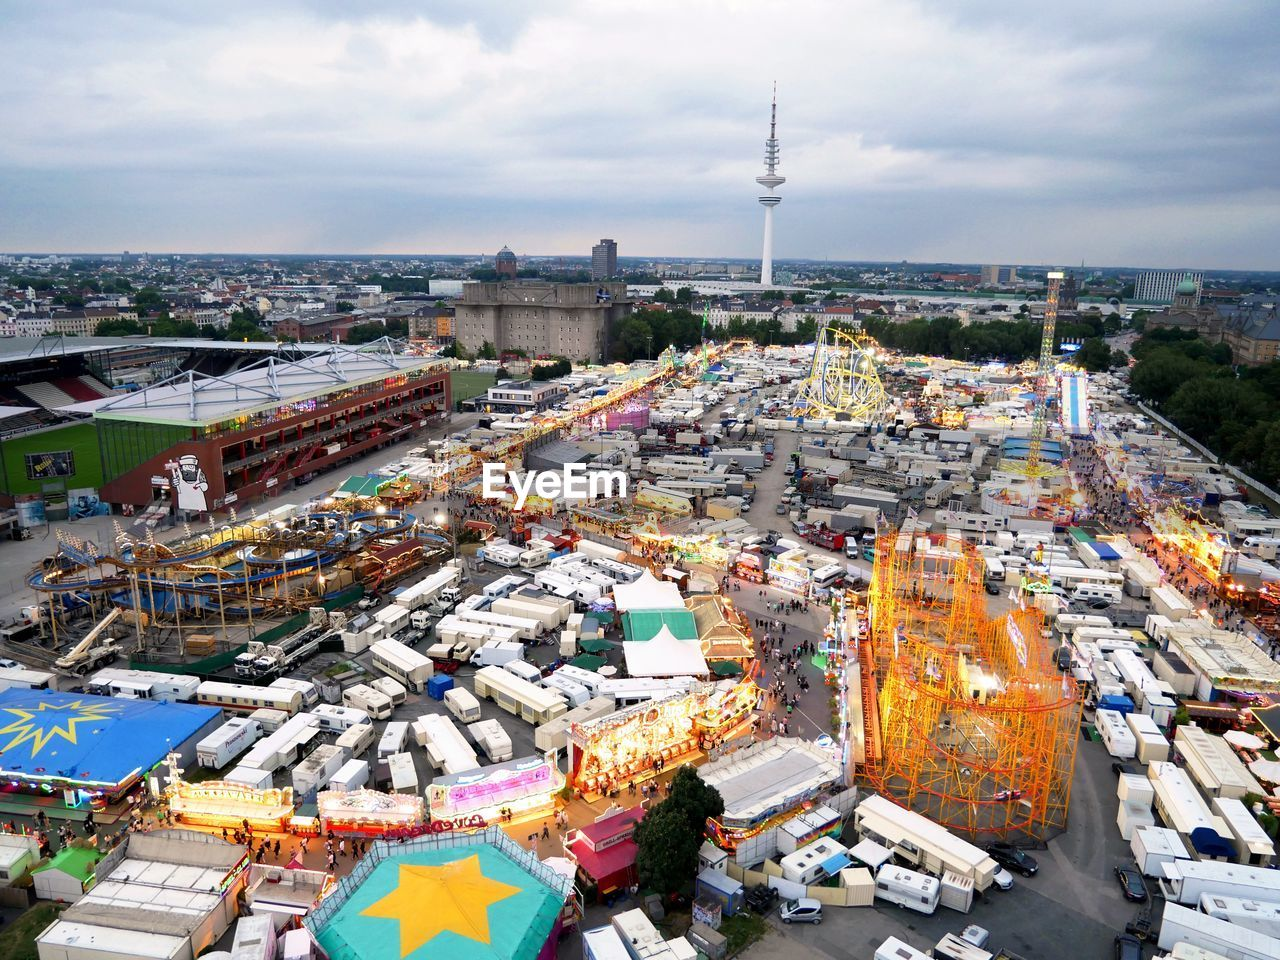 Funfair By Heinrich-Hertz-Turm In City Against Cloudy Sky